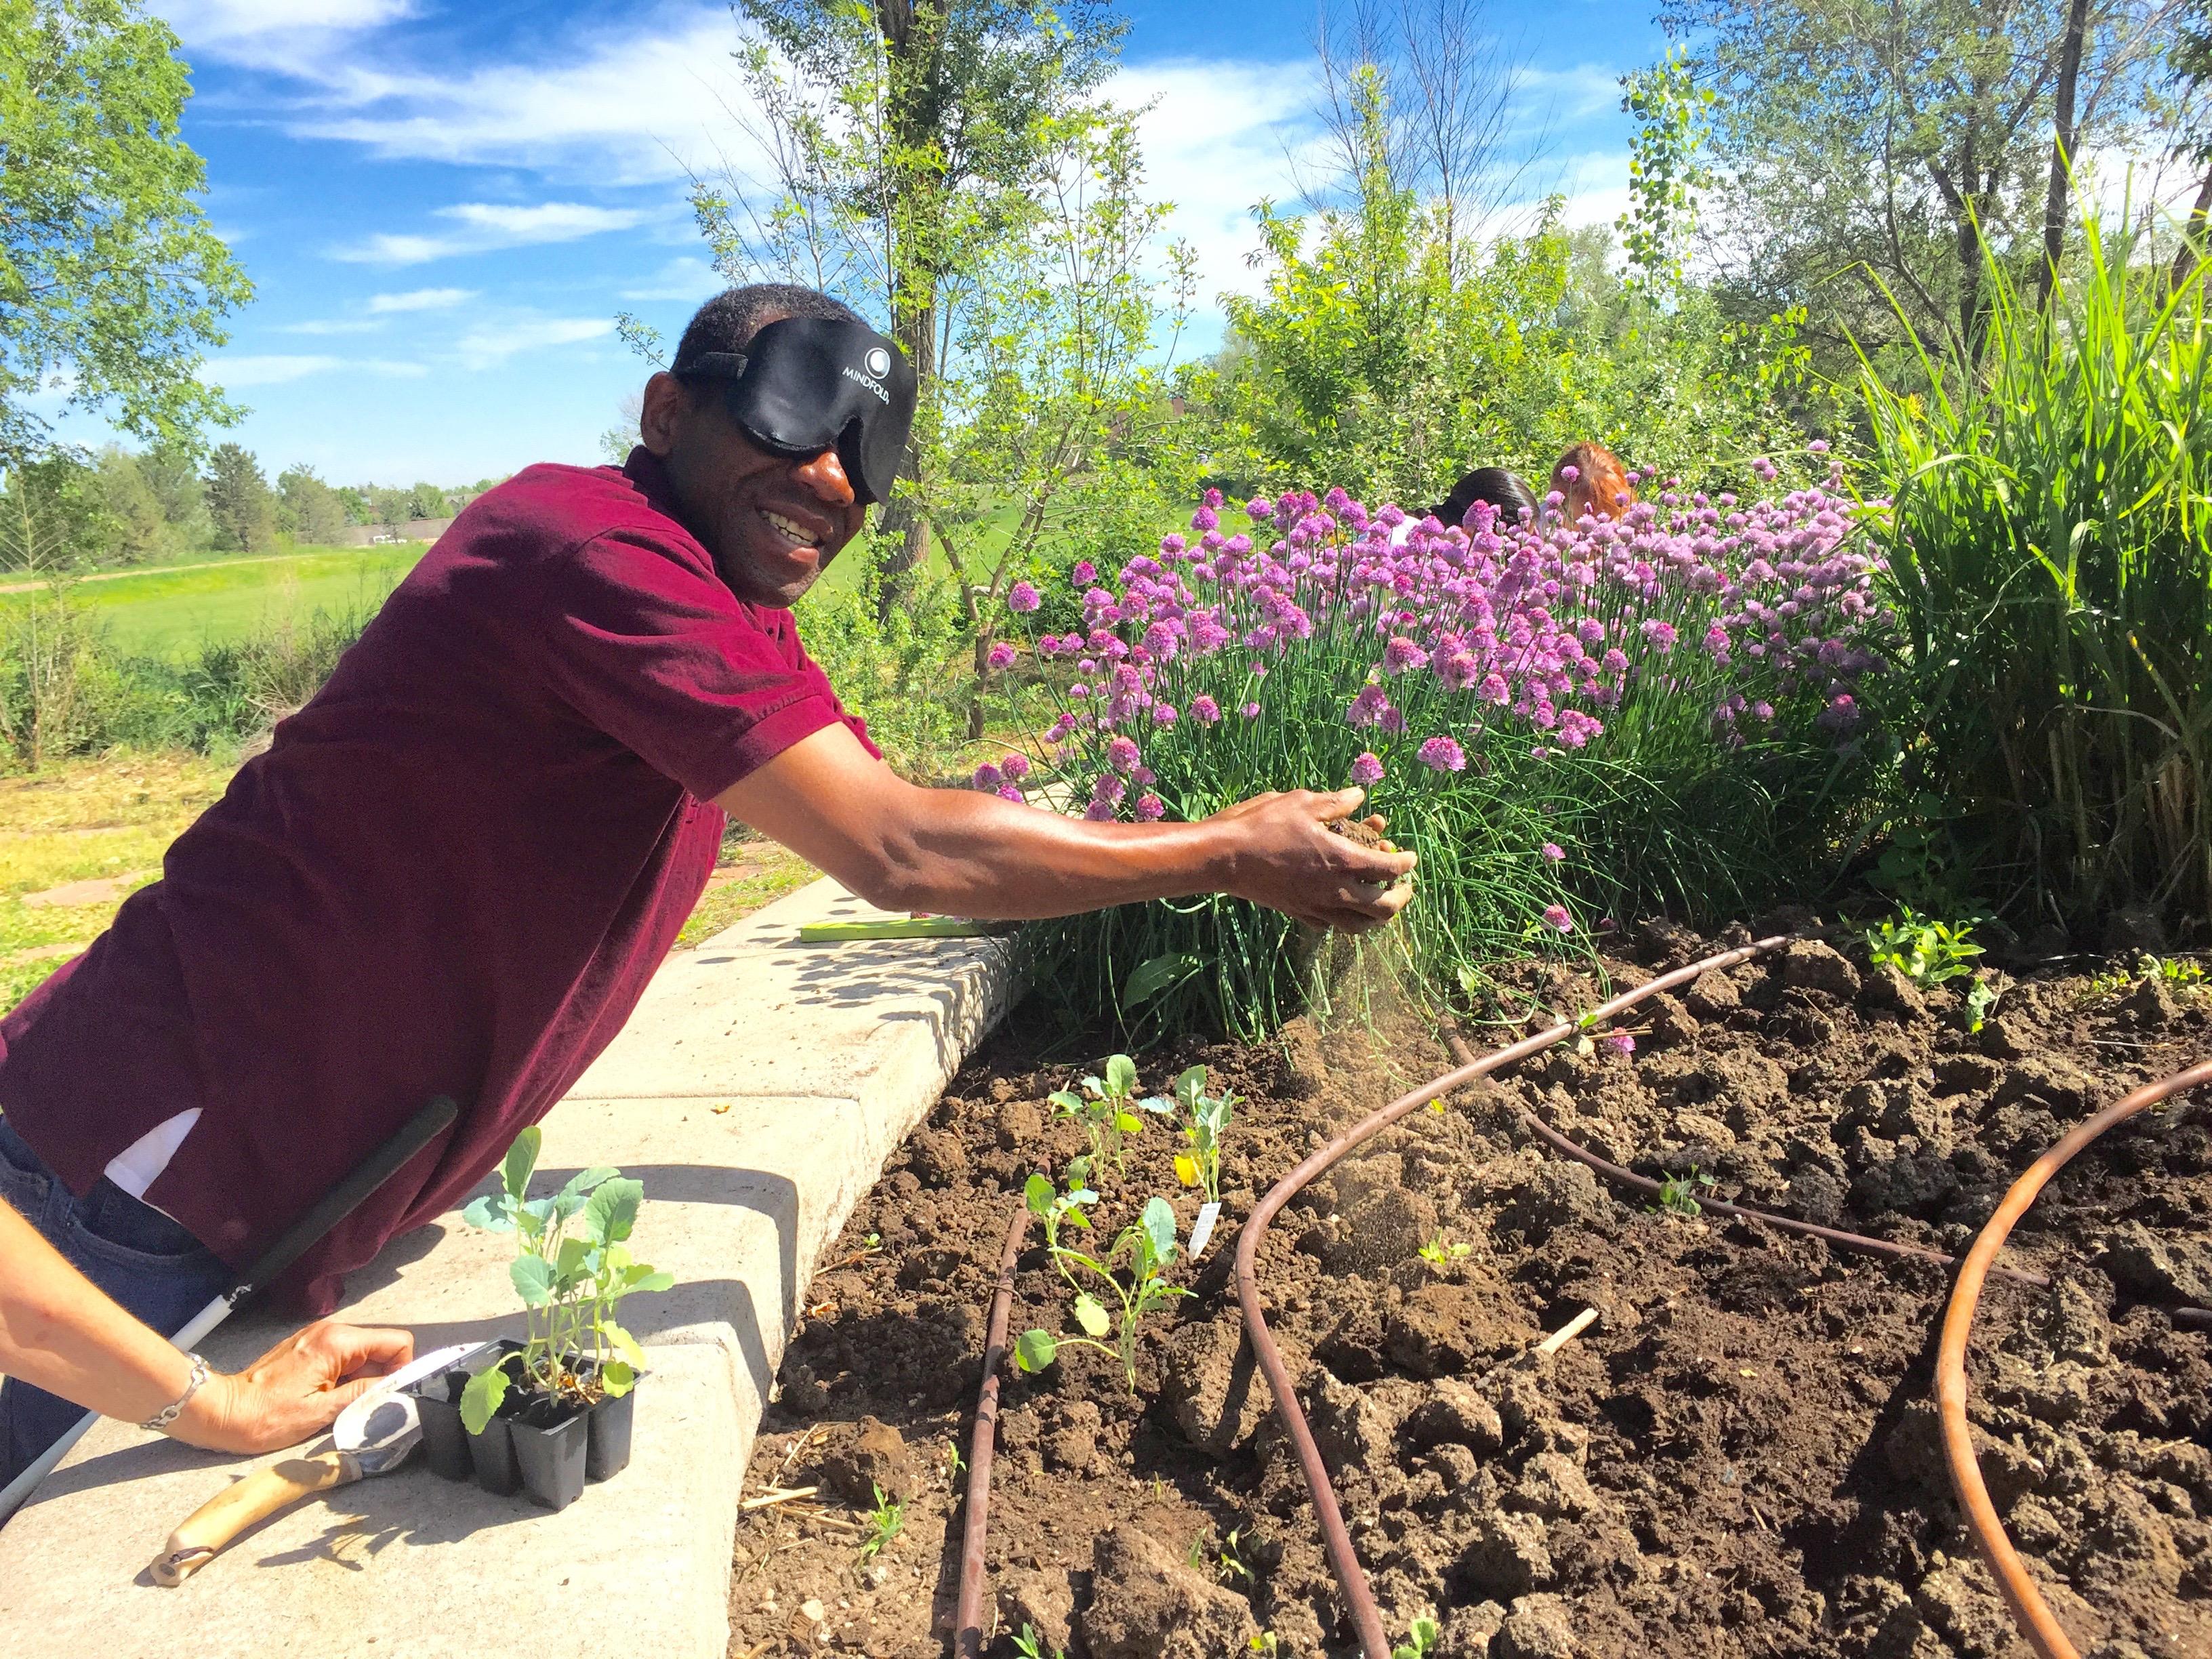 Man wearing sleepshades breaks clods of soil between his hands